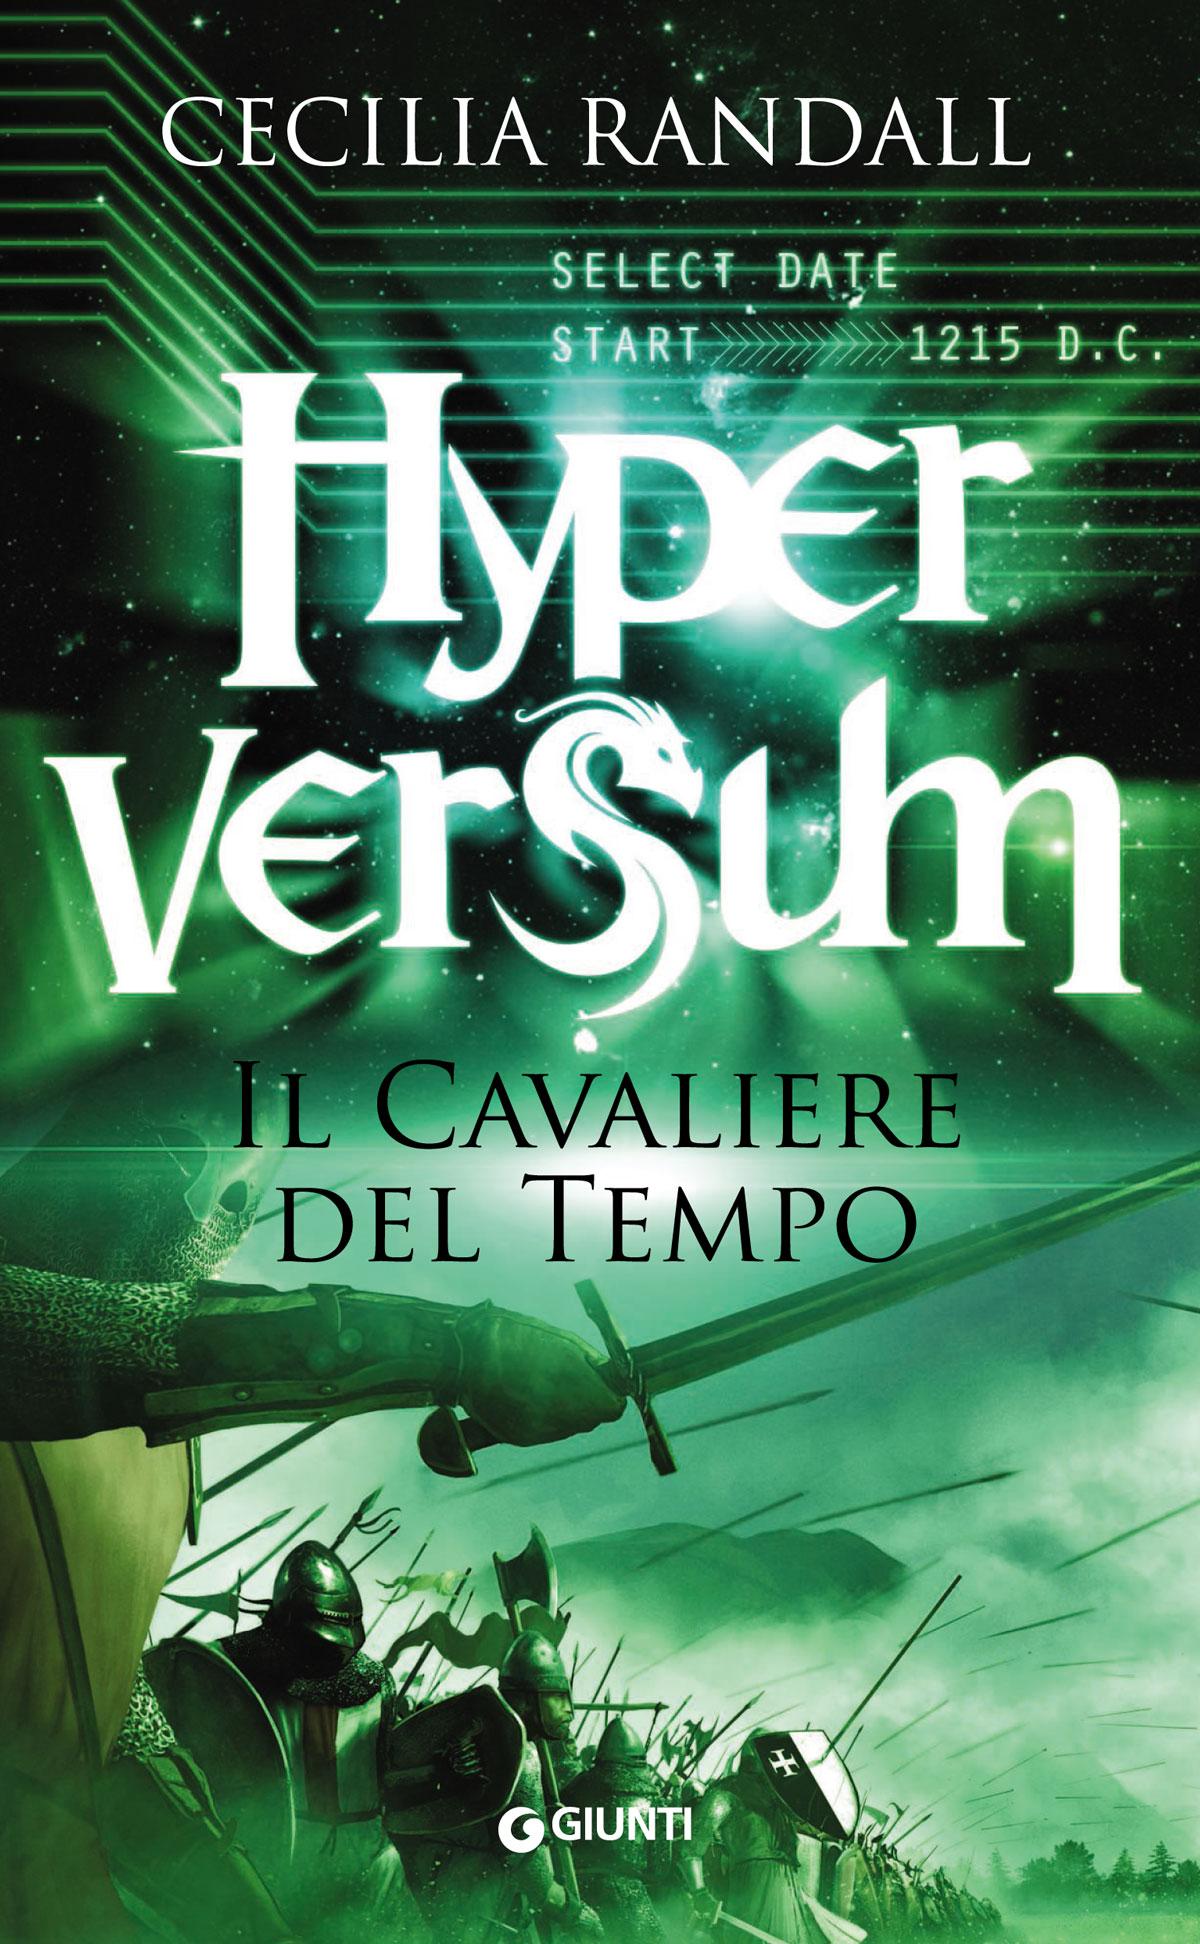 hiperversum3